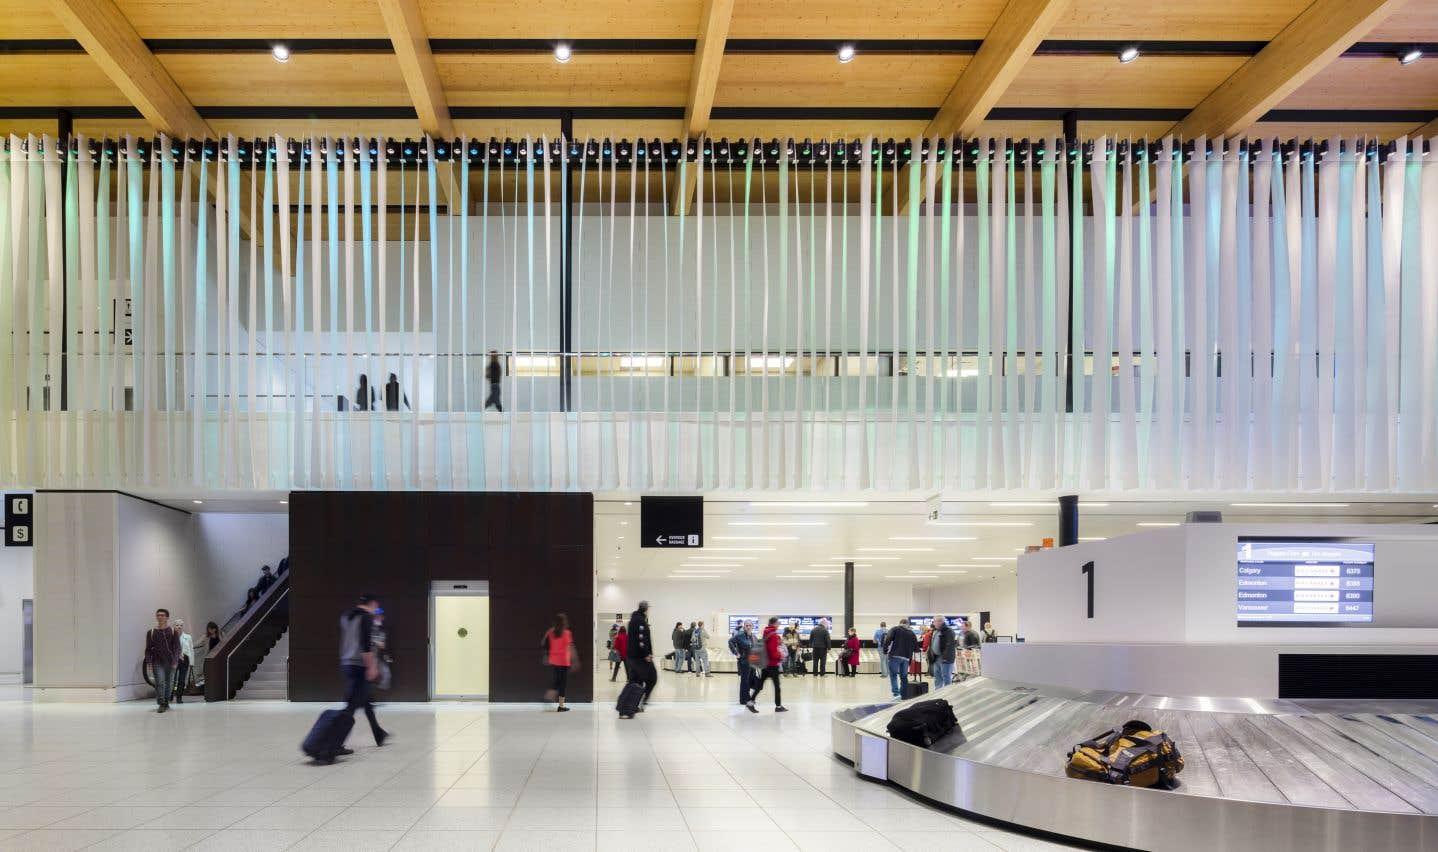 L'aéroport international de Fort McMurray (Alberta), Office of mcfarlane biggar architects + designers (omb). Le projet a été initié par la firme précédente, mcfarlane green biggar Architecture + Design.